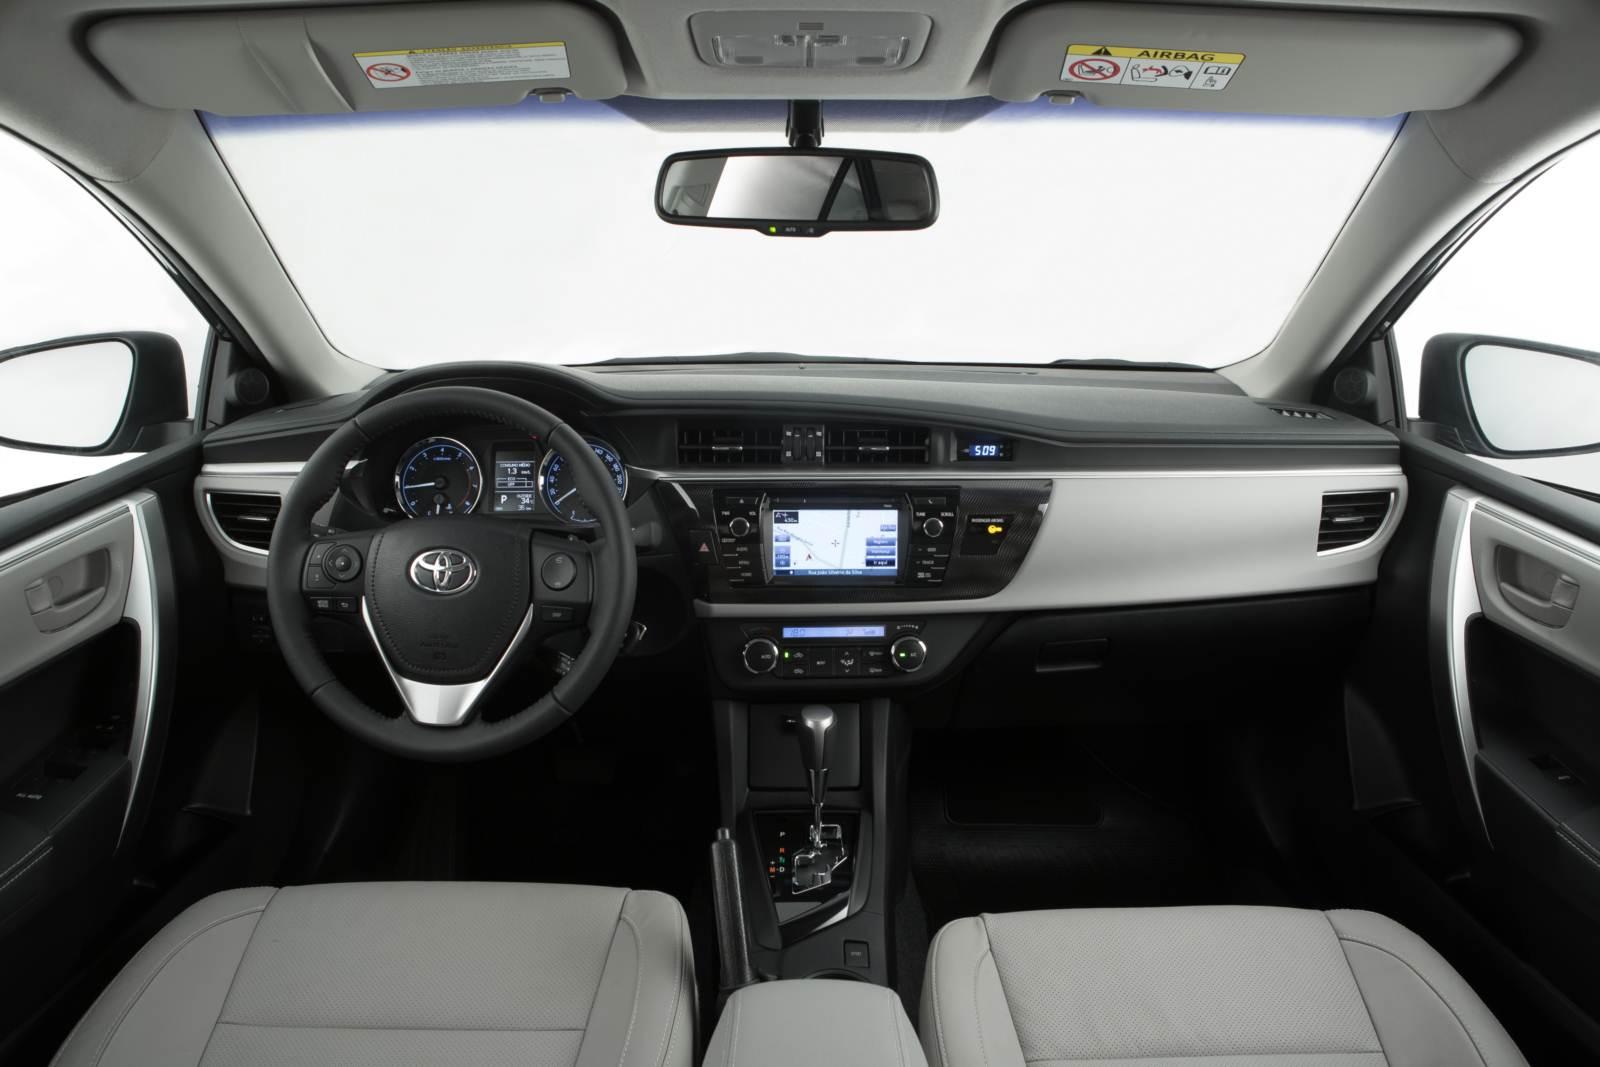 Novo Corolla 2015 - interior